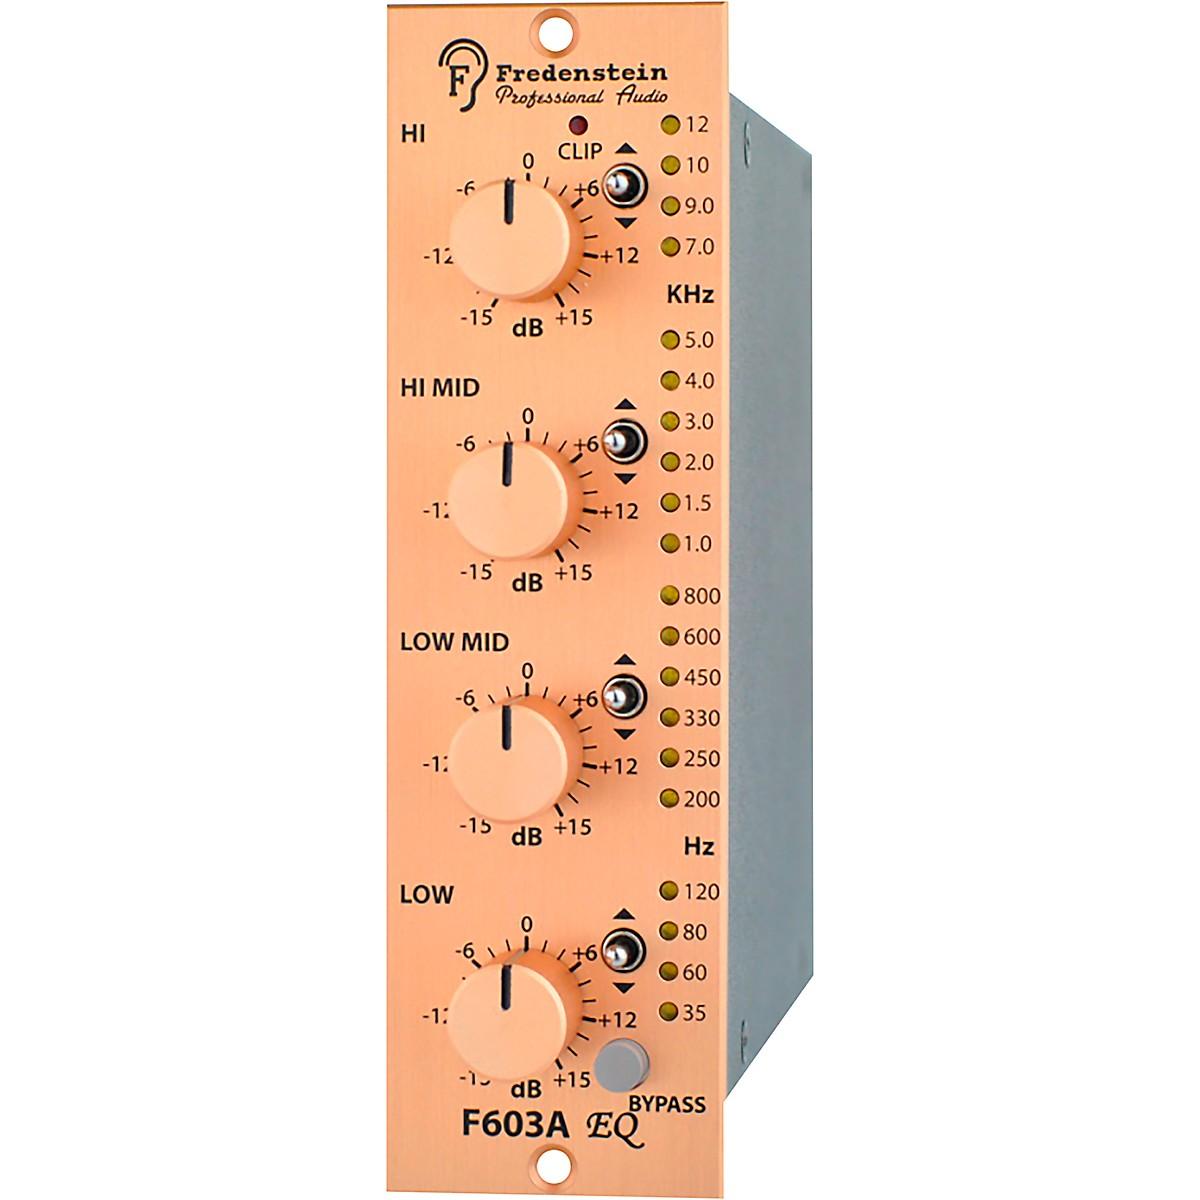 Fredenstein Professional Audio F603B EQ